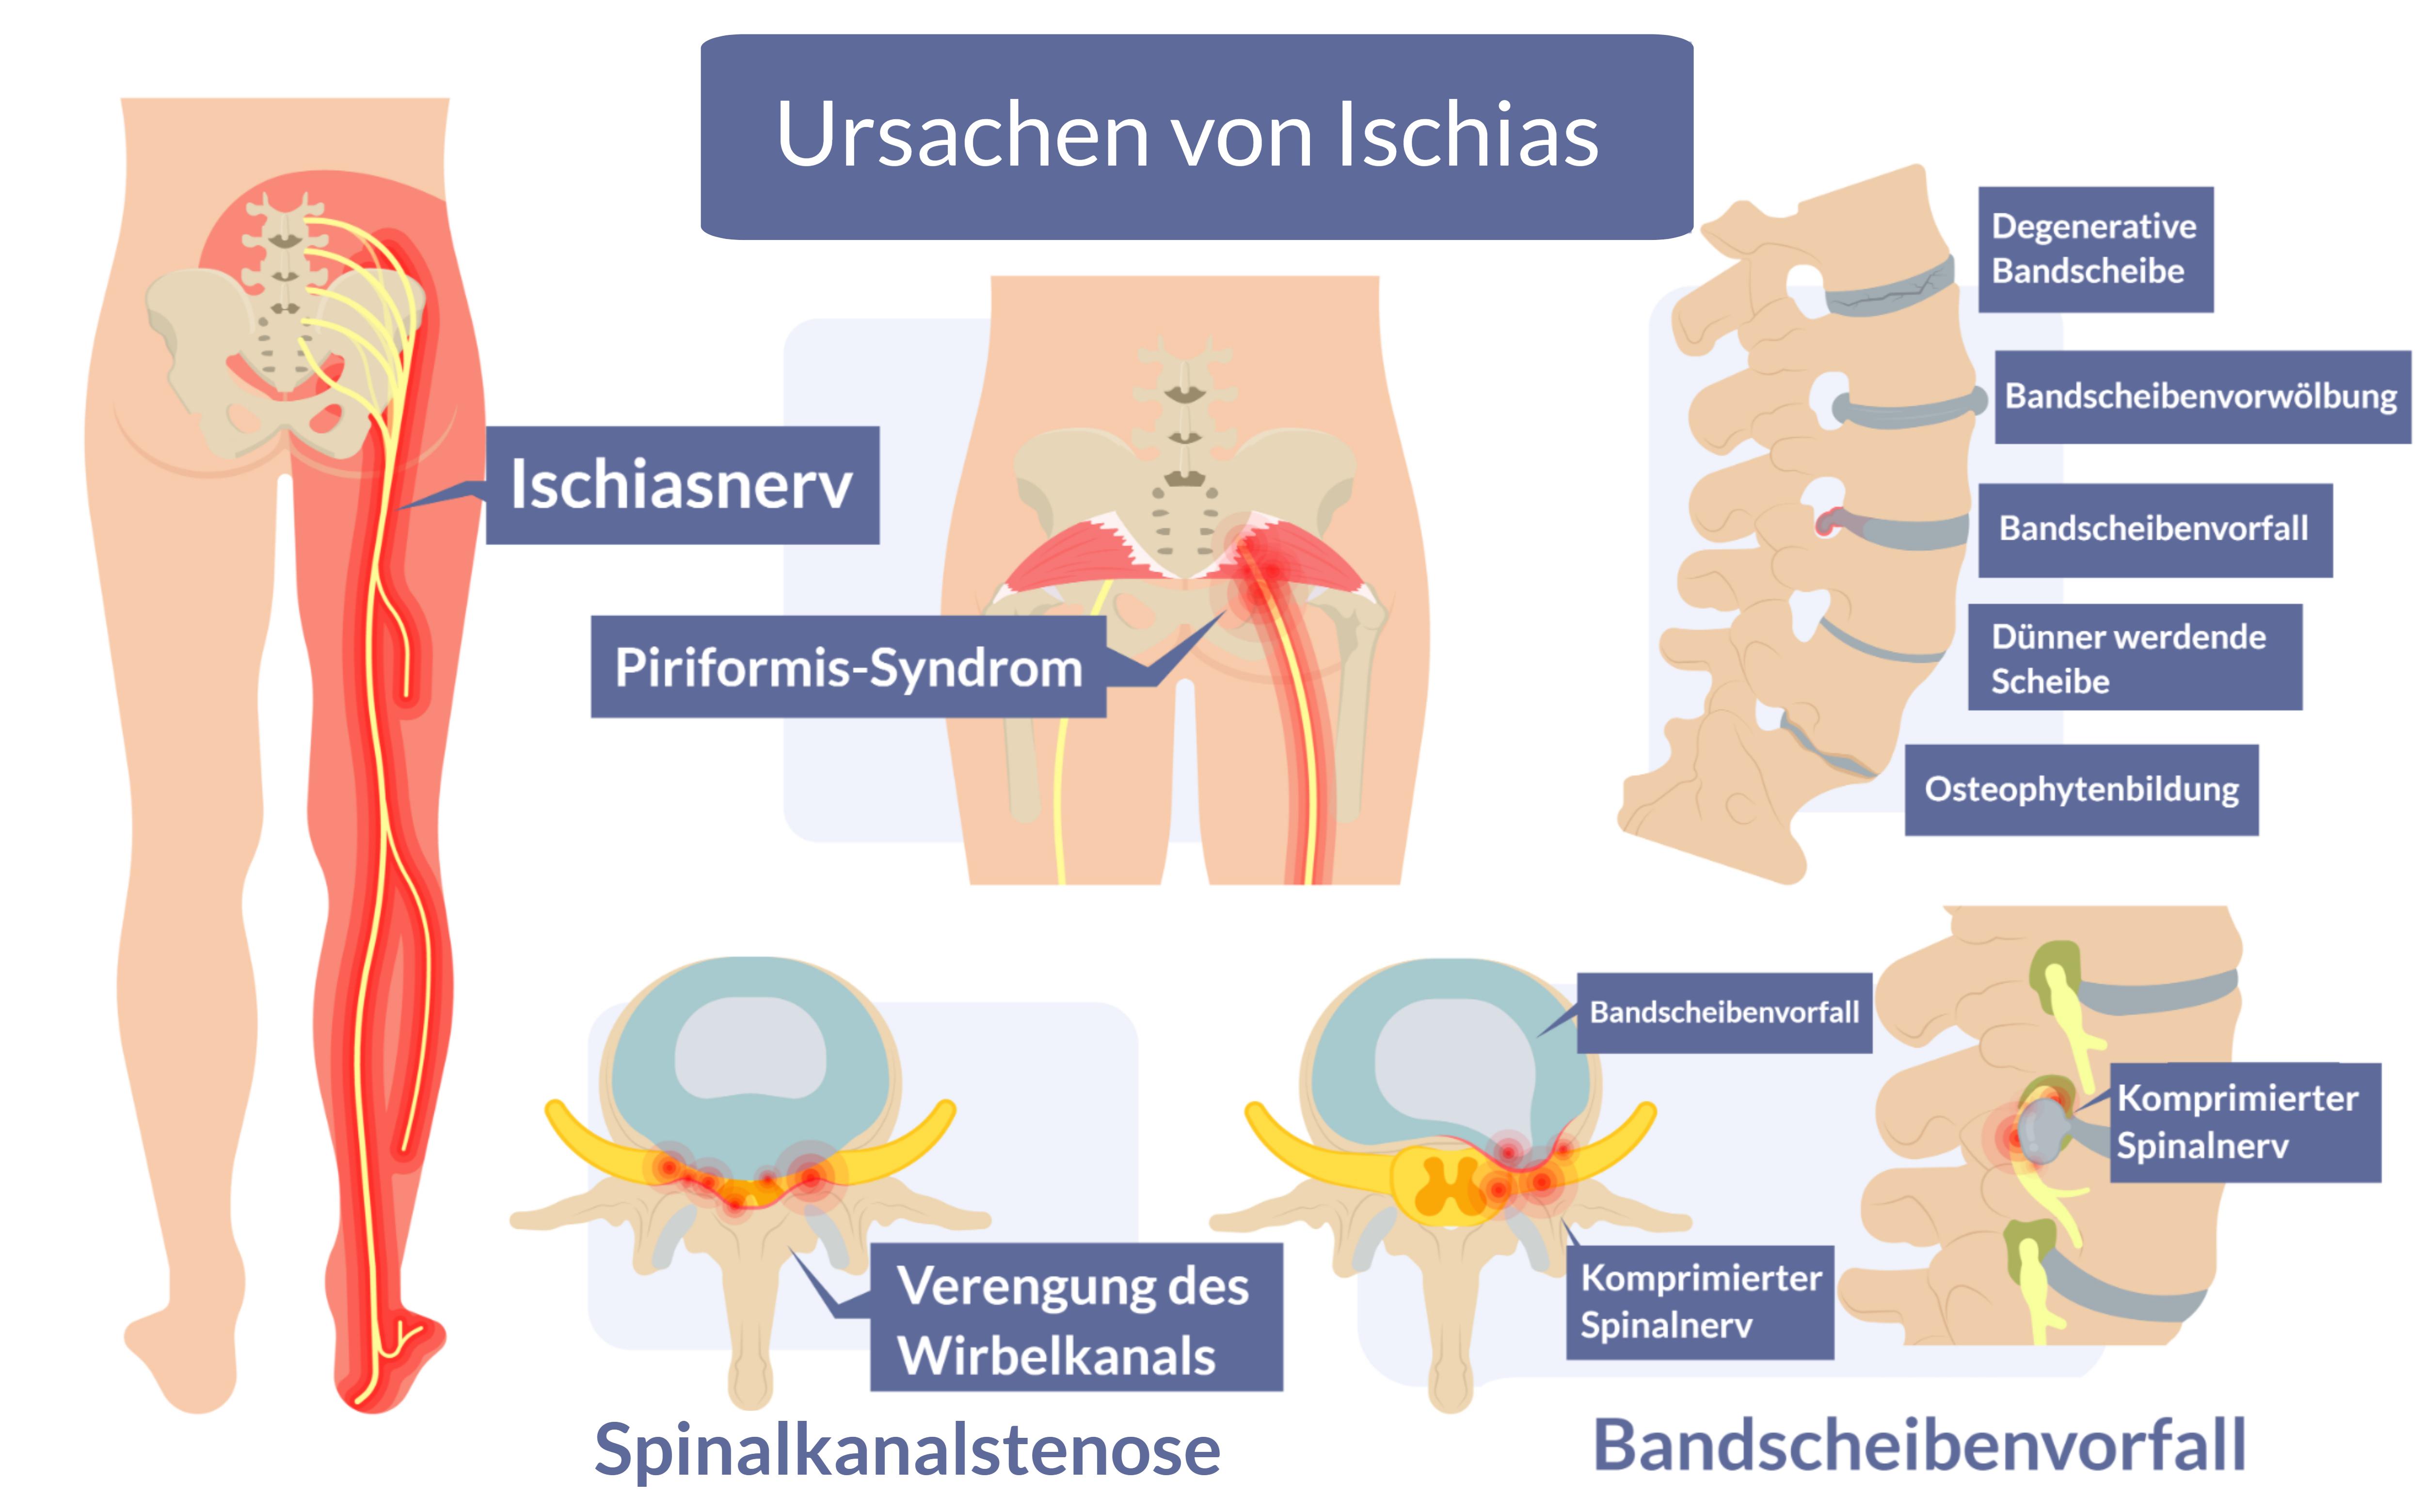 Aufgeführte Erkrankungen des Nervensystems, die Rückenschmerzen, Hüften und Bein hervorrufen, die durch eine Wirbelkrankheit verursacht werden